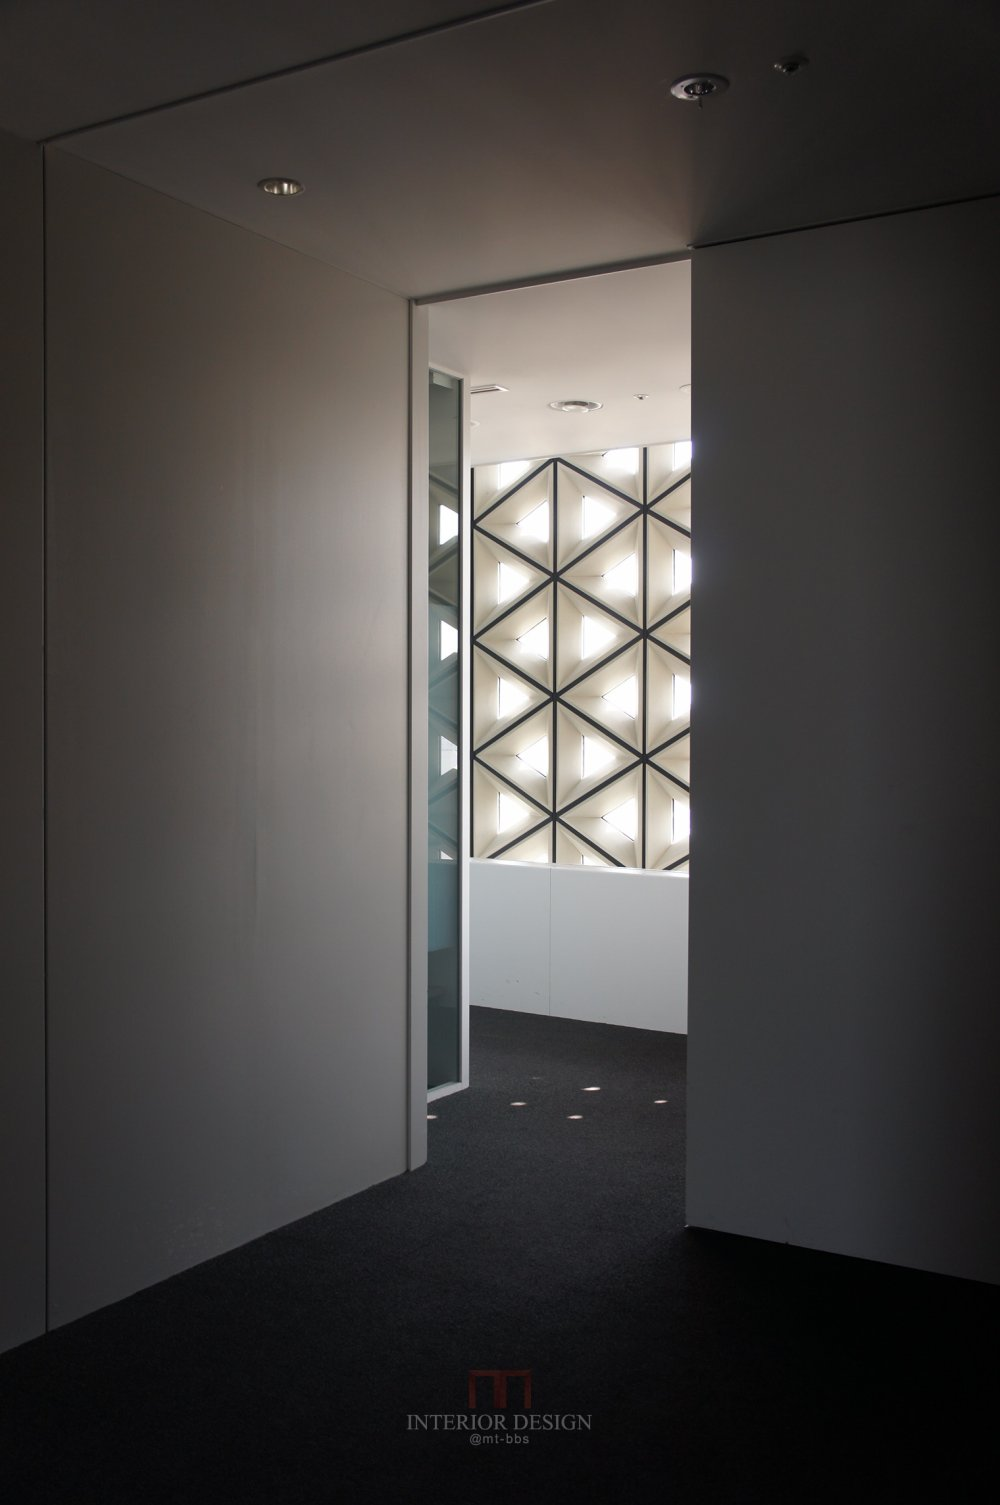 #伙伴一起看日本#  日本设计考察分享(更新美秀美术馆)_DSC05640.JPG